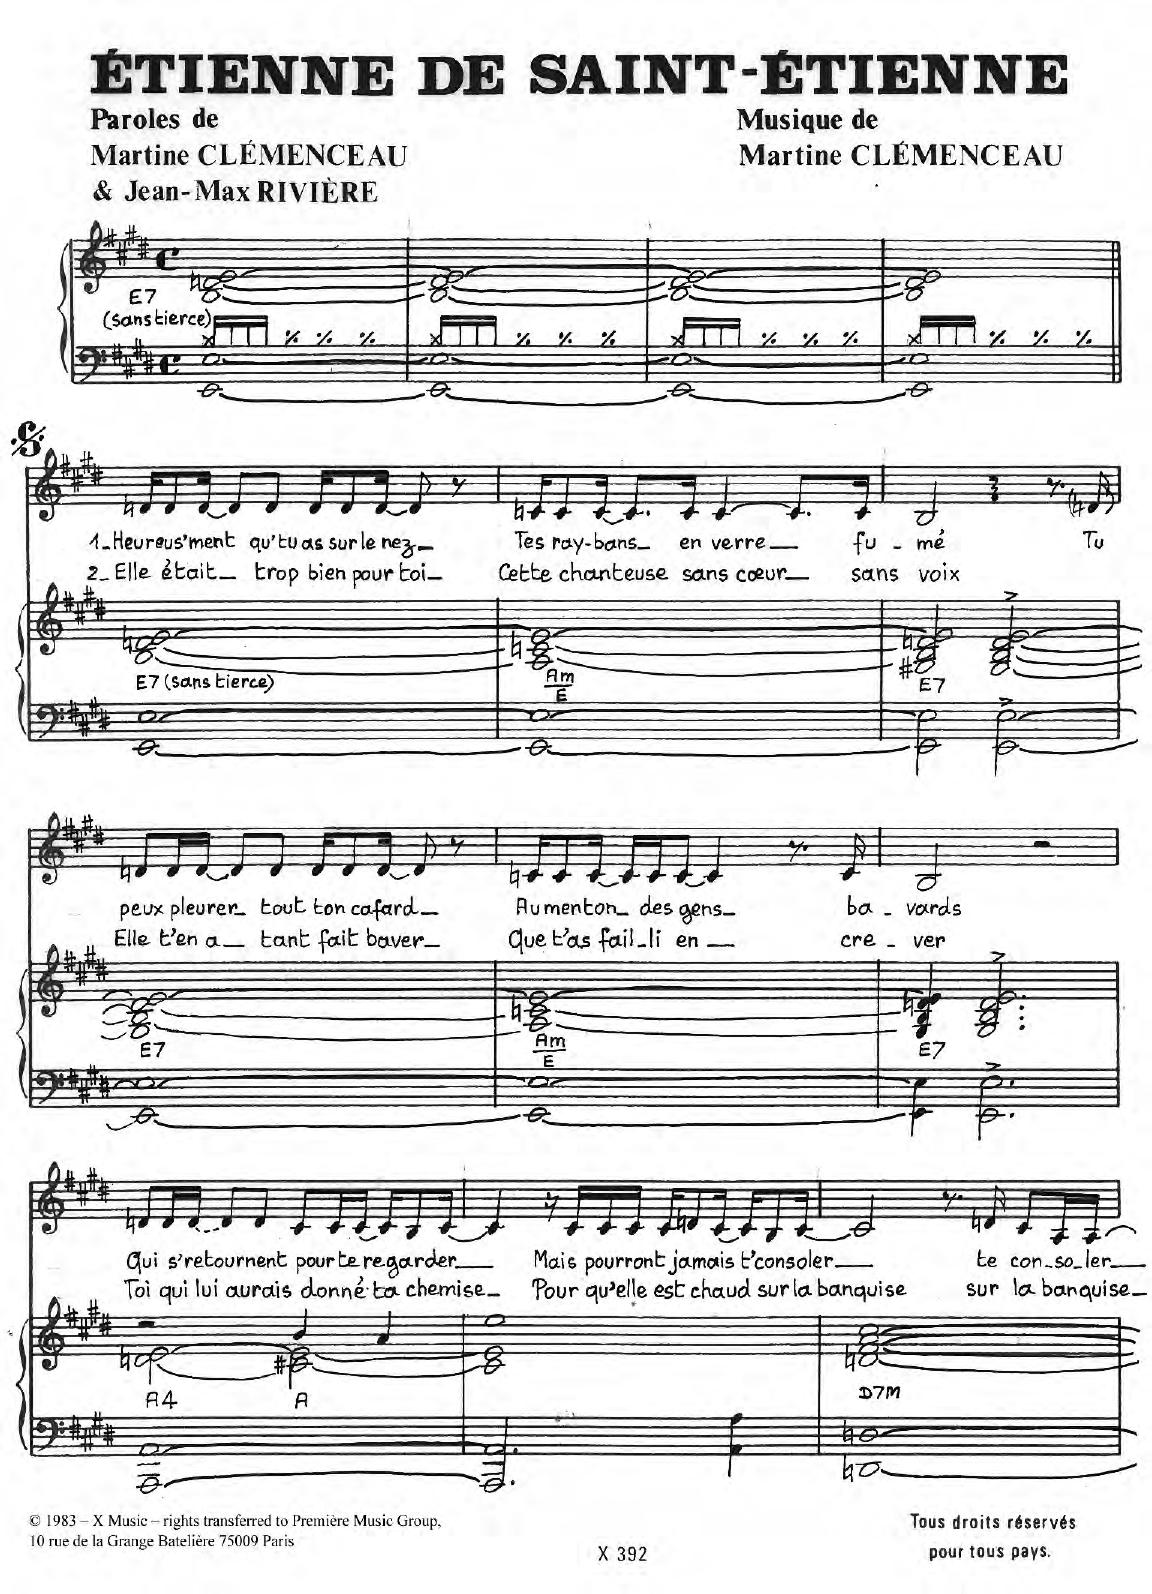 Etienne De Saint-Etienne Sheet Music